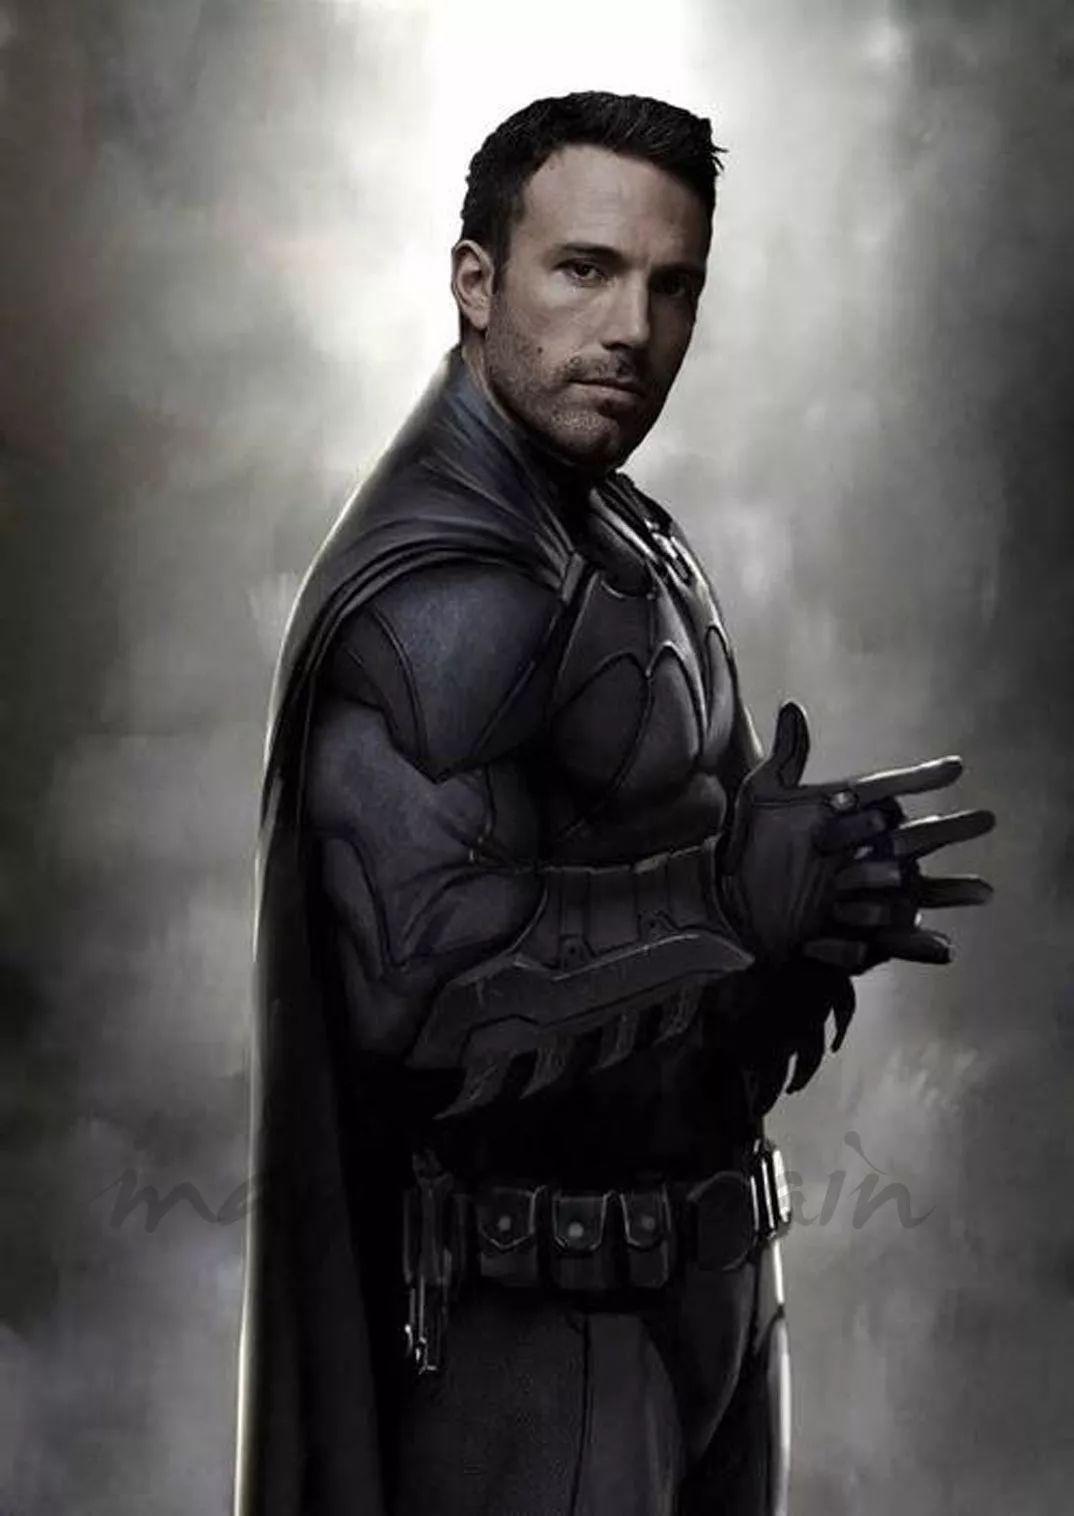 006Fzy5igy1g04qyqahmcj30tu164mzg - 网传超模我尼Nick Jonas将主演漫威电影《蝙蝠侠》